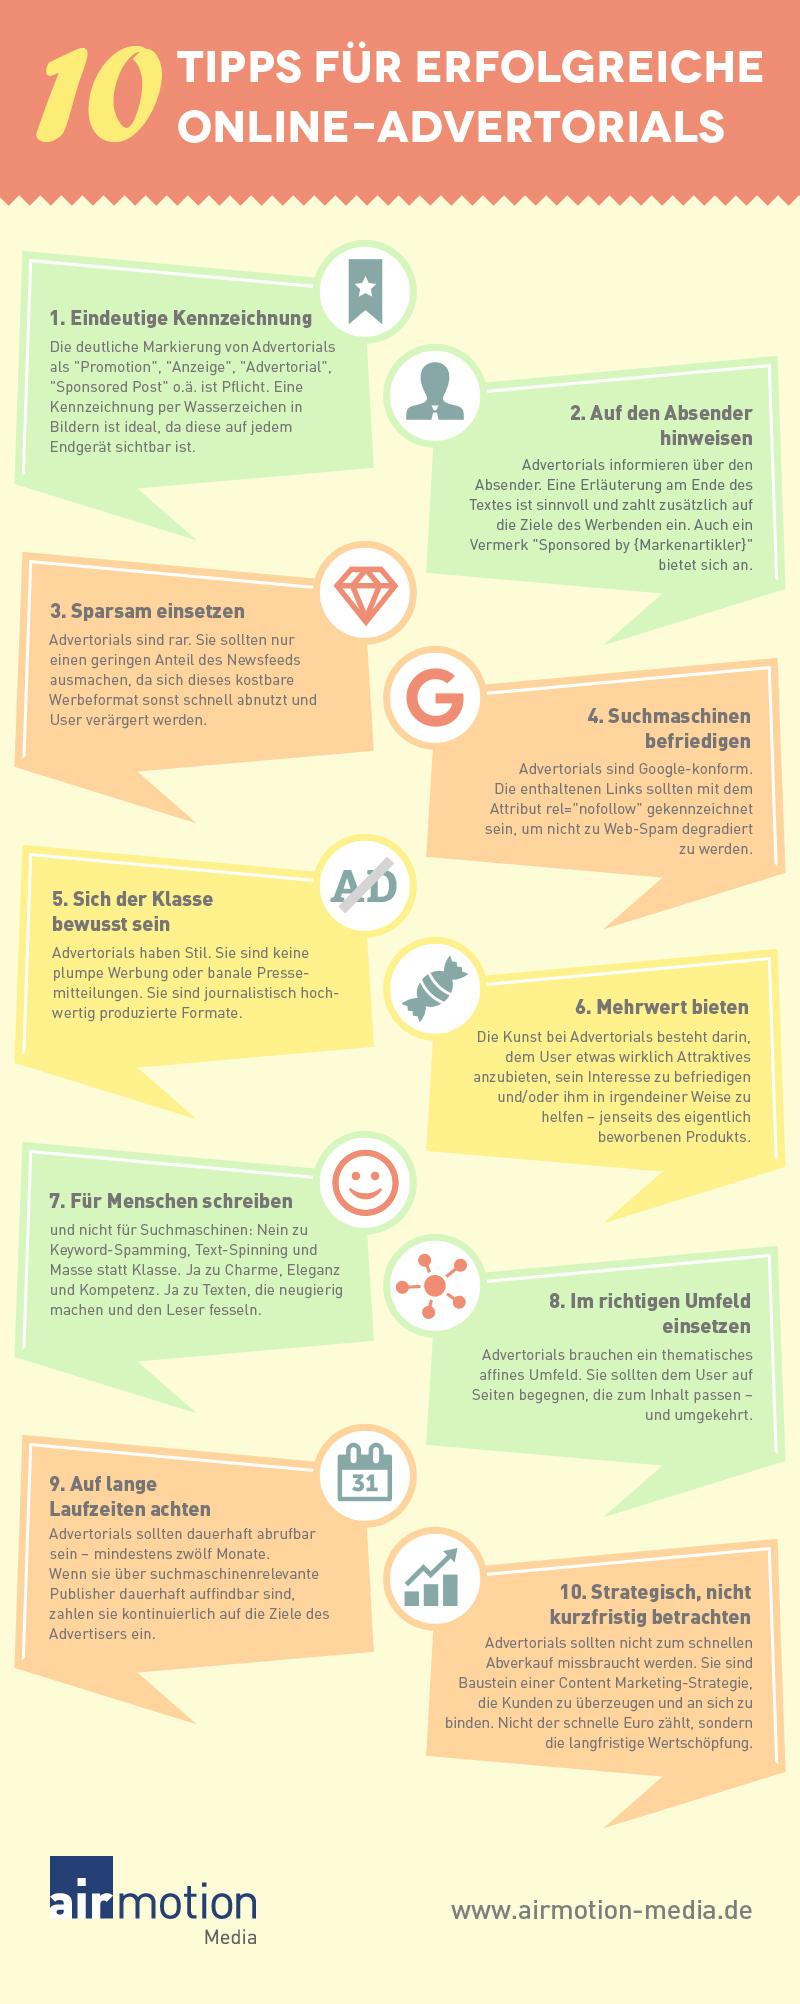 Infografik: Zehn Tipps für erfolgreiche Online-Advertorials - Airmotion Media